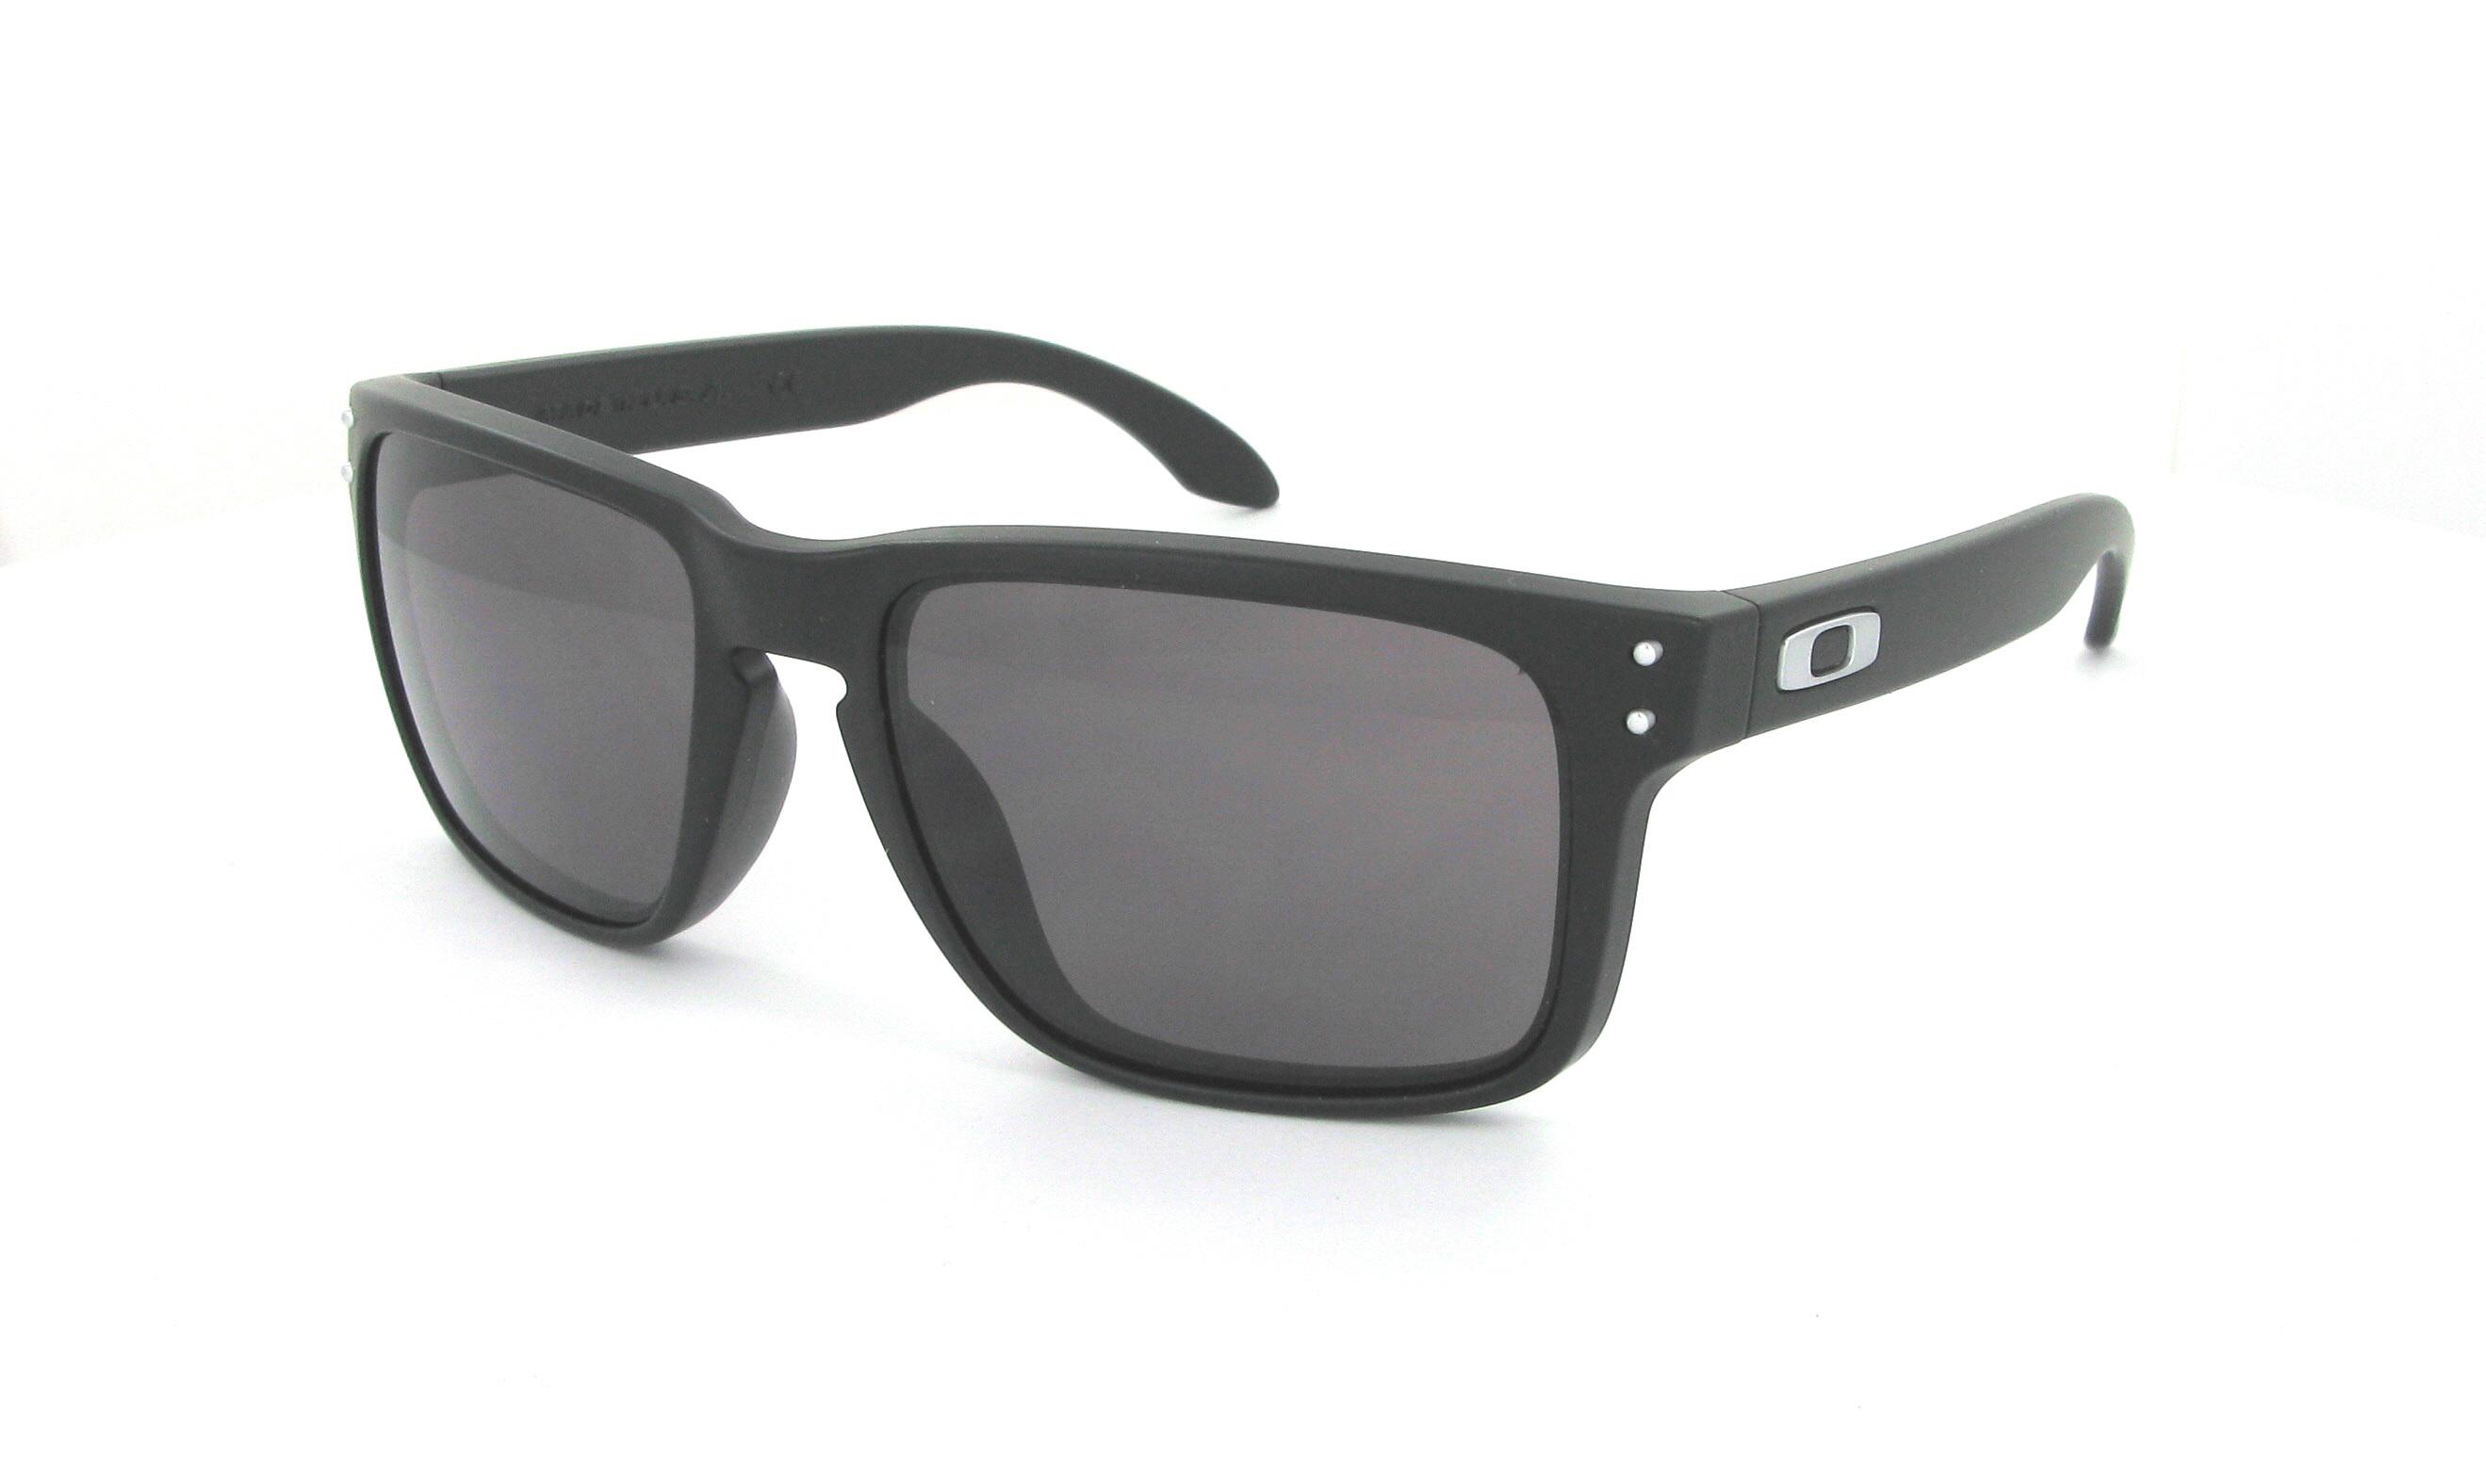 oakley lunette de soleil pas cher